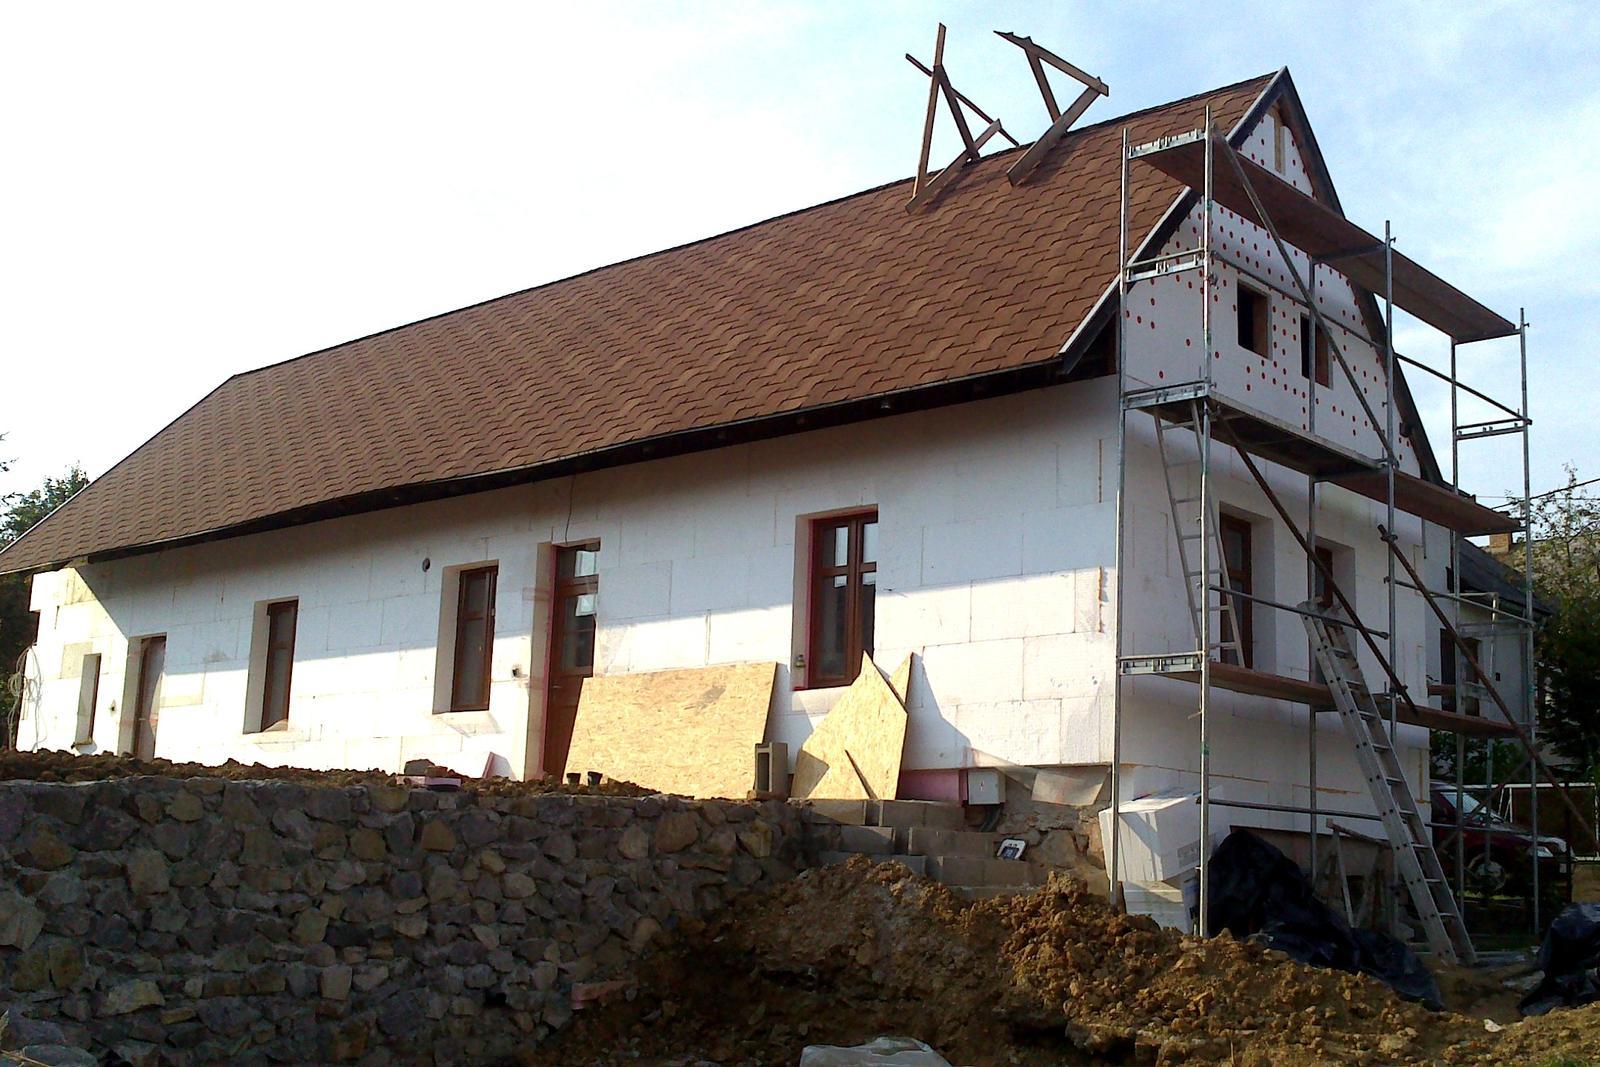 Rekonštrukcia domčeka z roku 1937 - August 2014 - interiéry sú prakticky hotové, múr takisto, zateplenie domu postupuje.